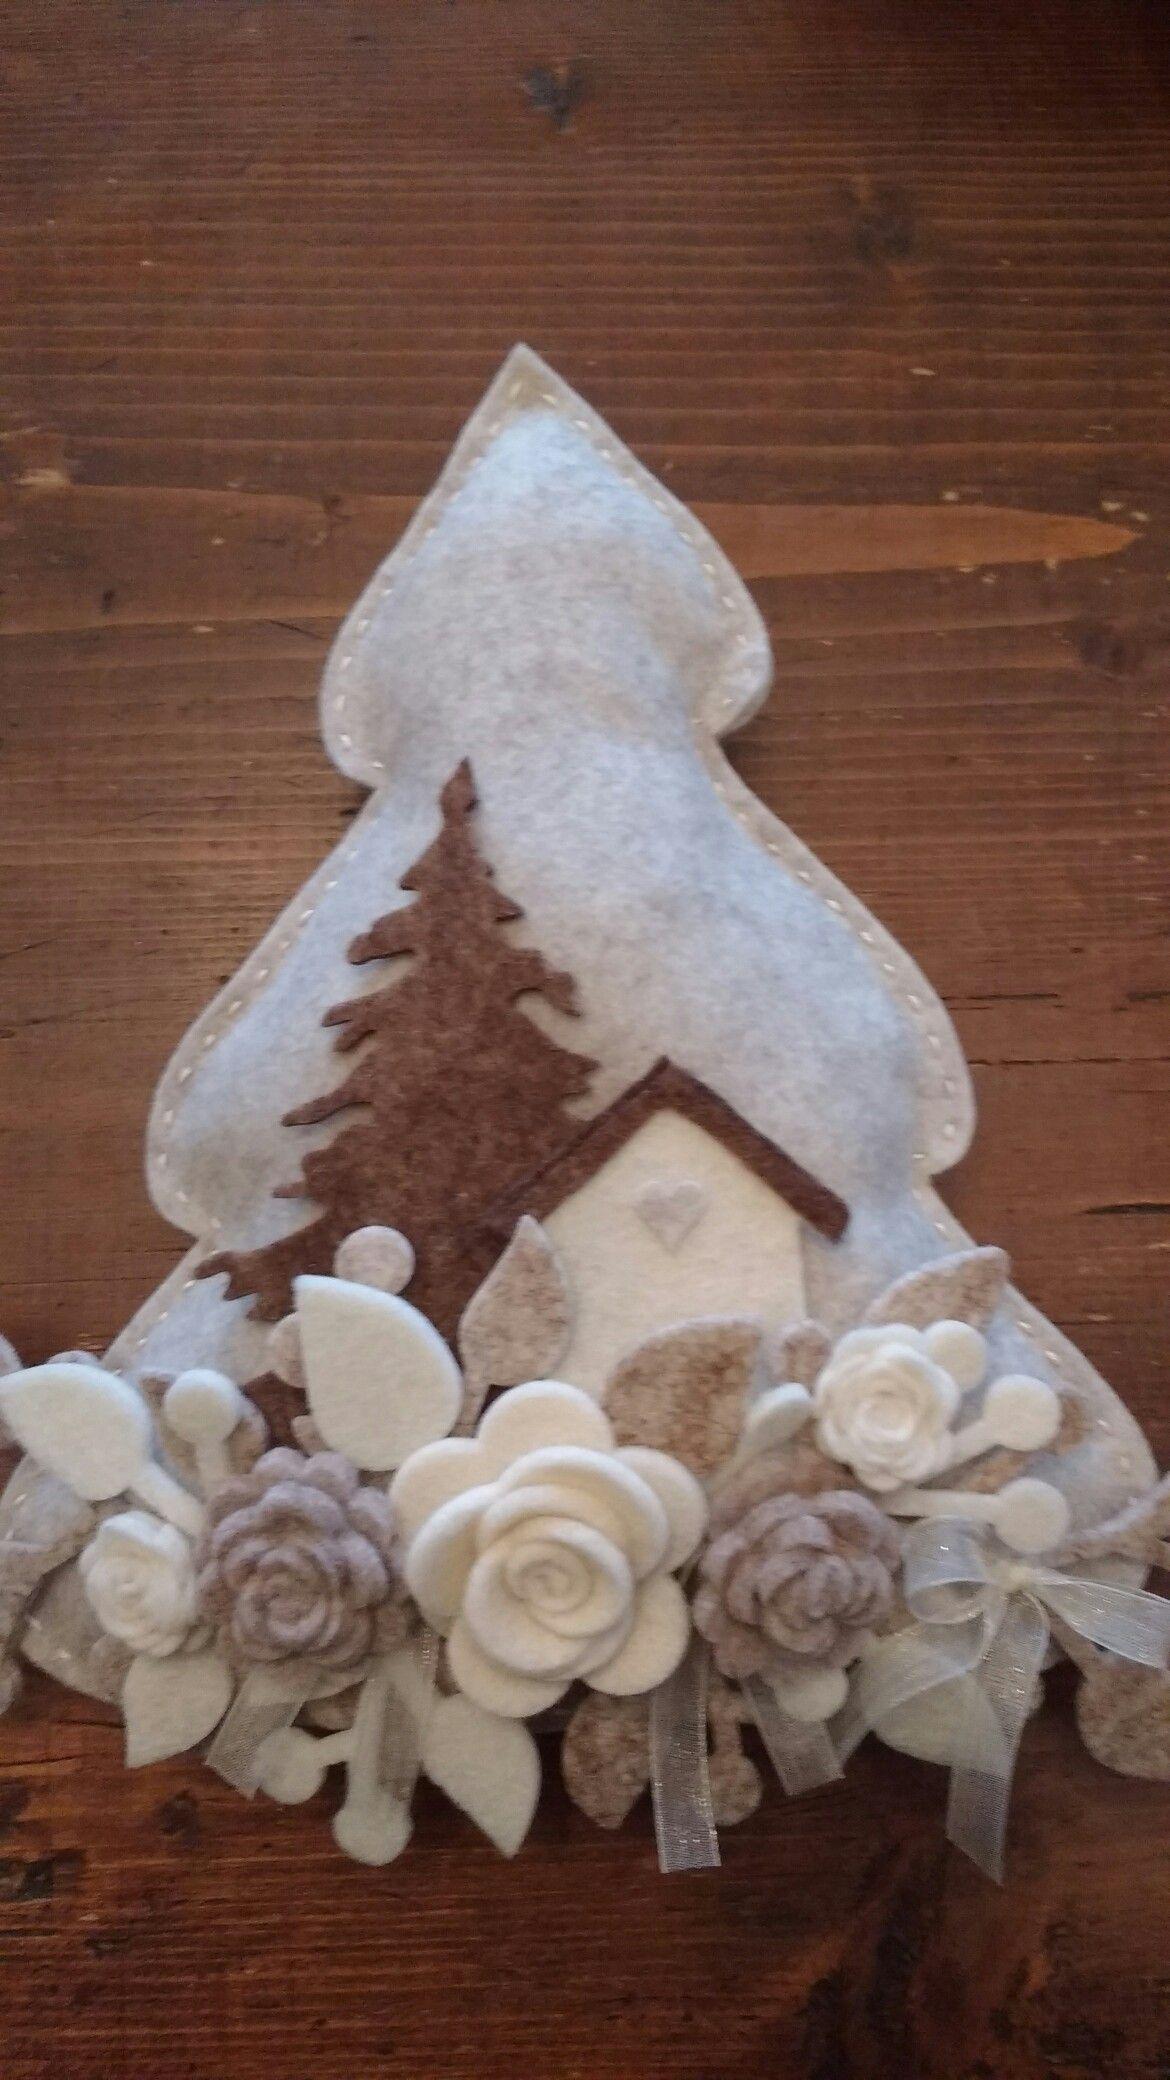 Decorazioni Natalizie In Feltro Pinterest.Albero Natale Feltro Hand Crafts Alberi Di Natale In Feltro